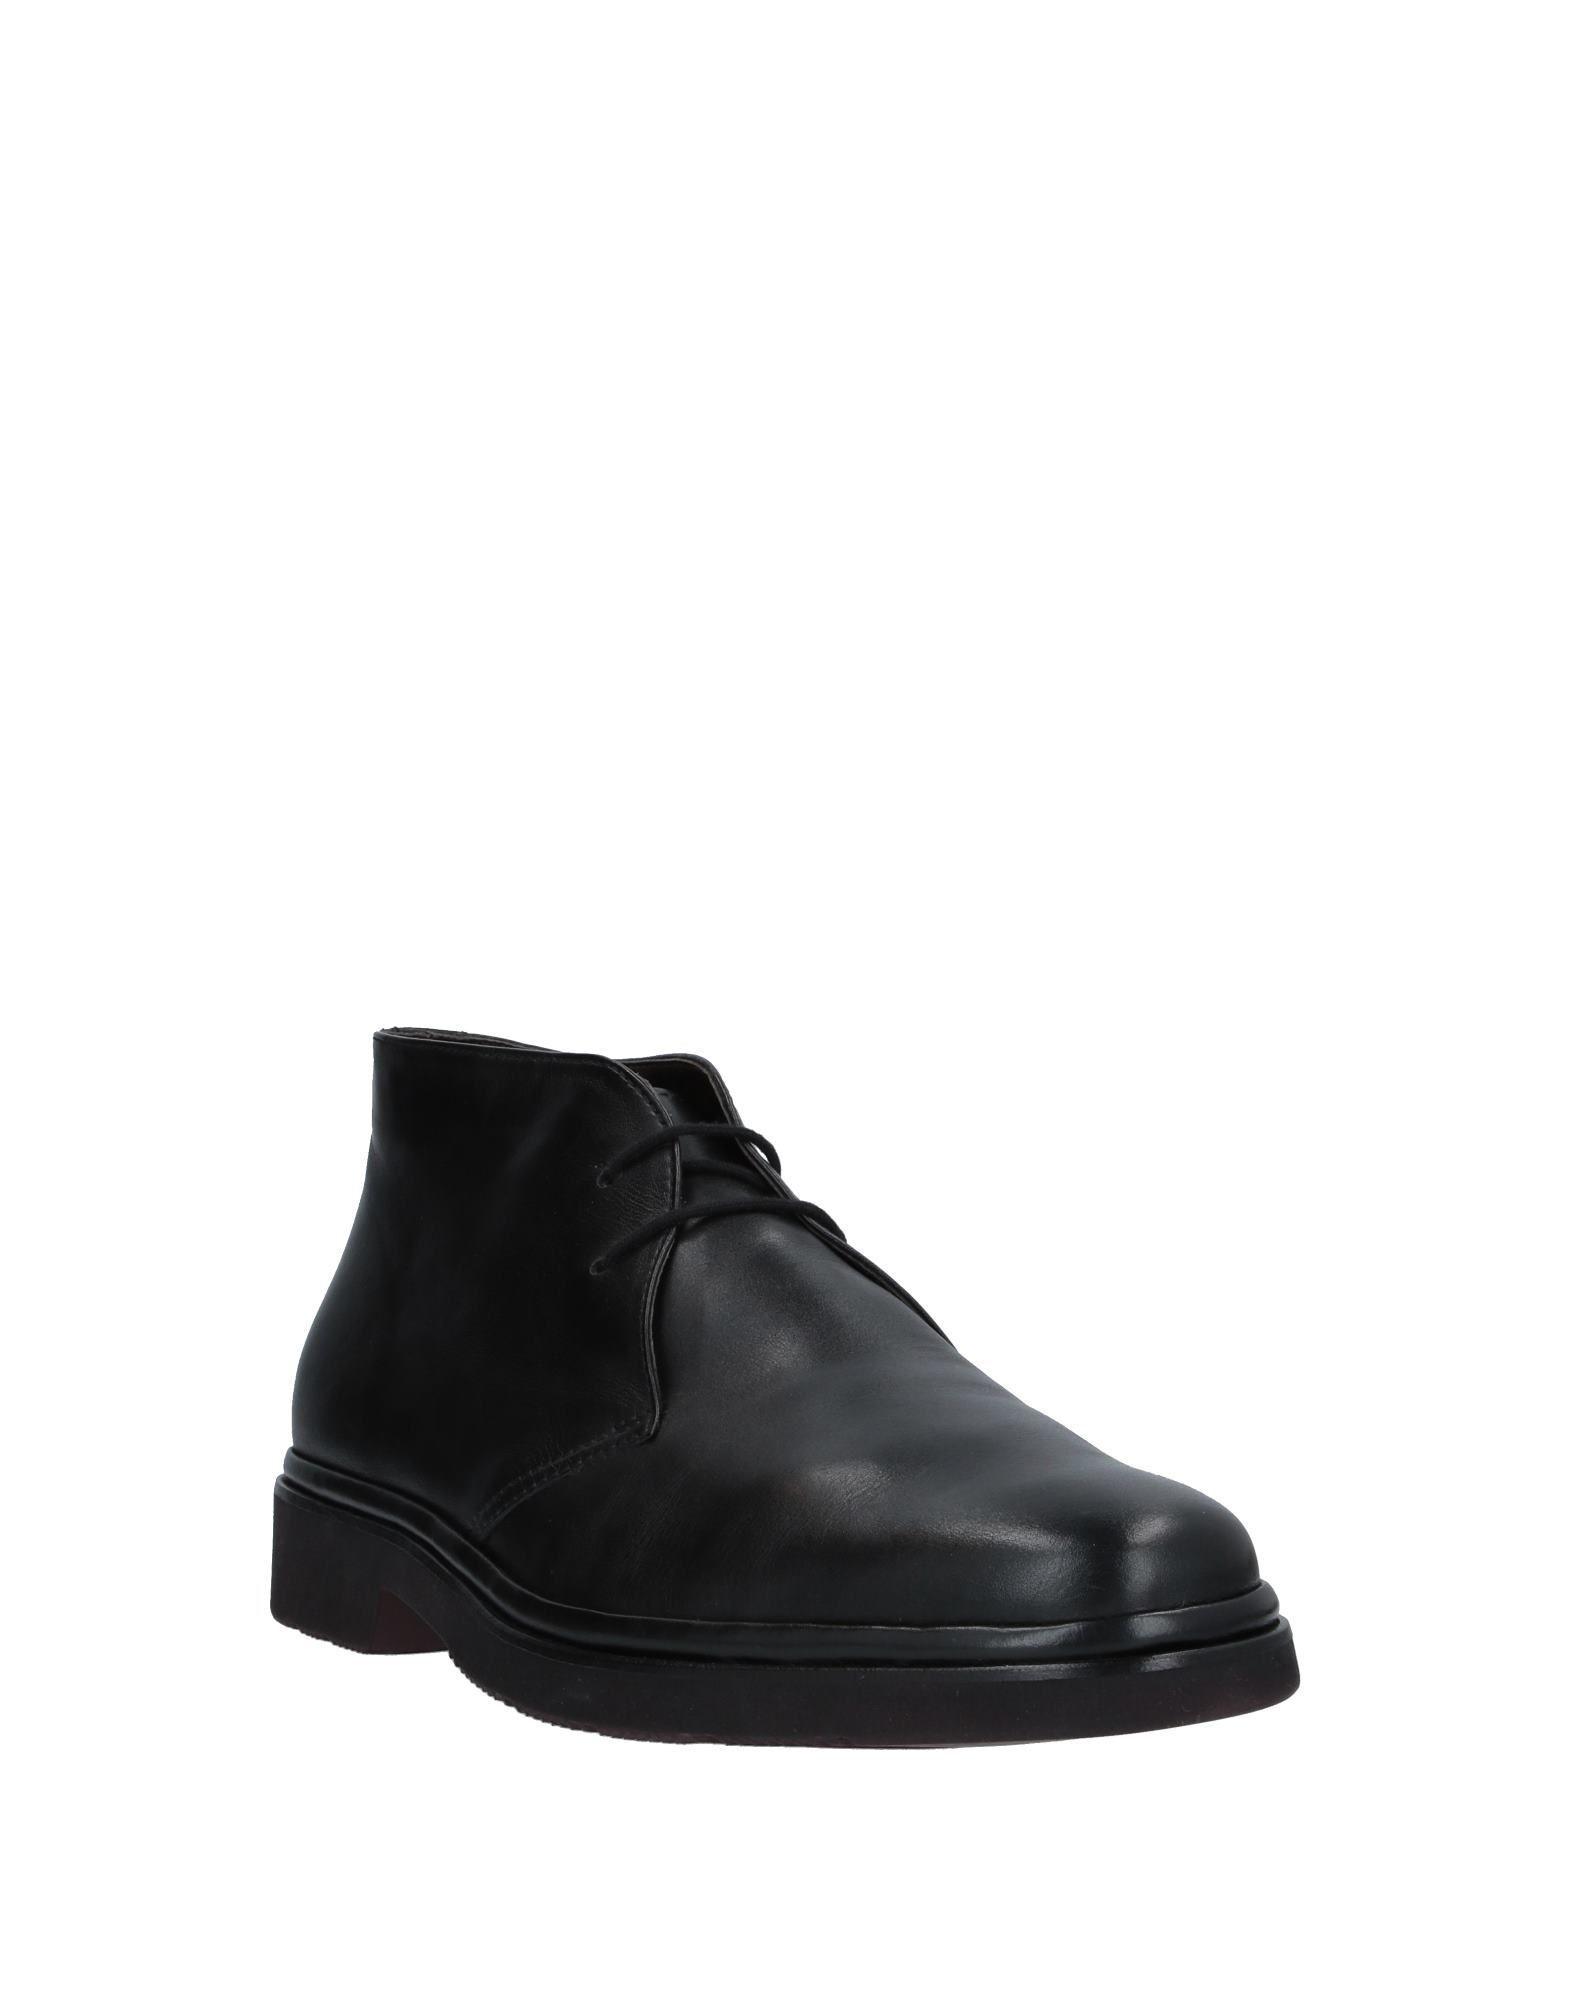 Botines de caña alta Aldo Brue' de Caucho de color Negro para hombre